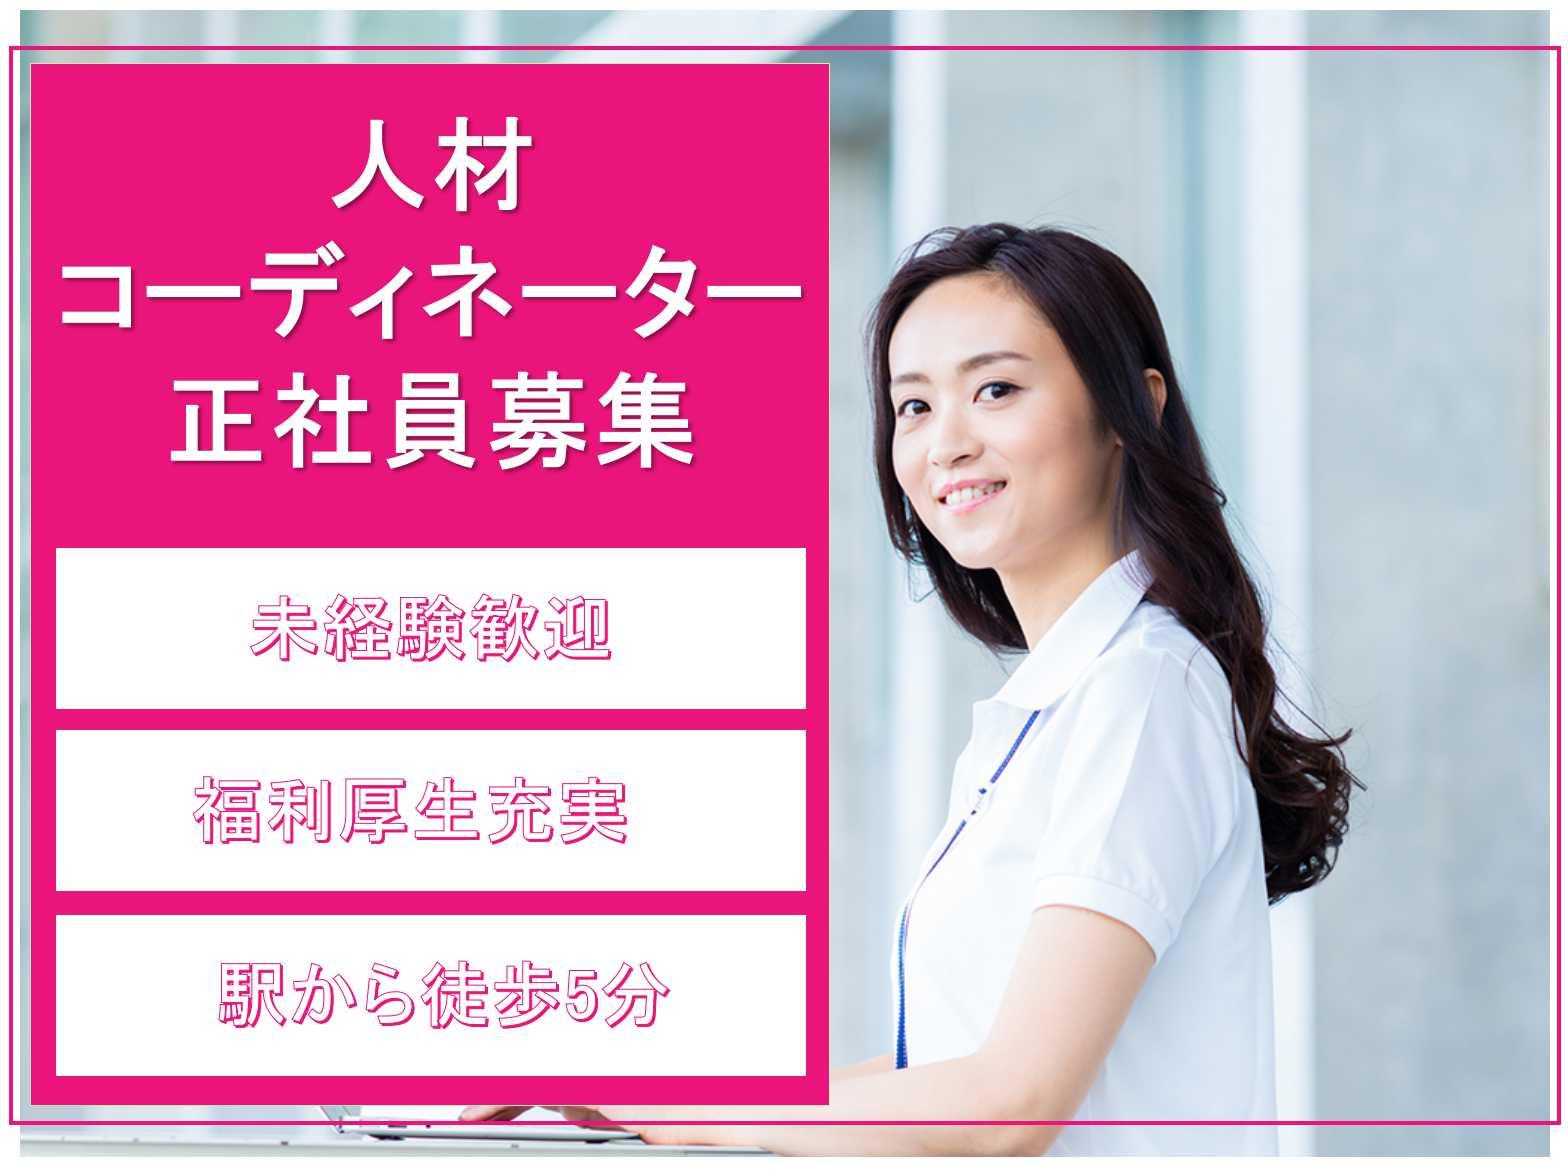 【名古屋市中村区】◆未経験歓迎◆駅から徒歩5分◆人材コーディネーター◆正社員募集◆ イメージ